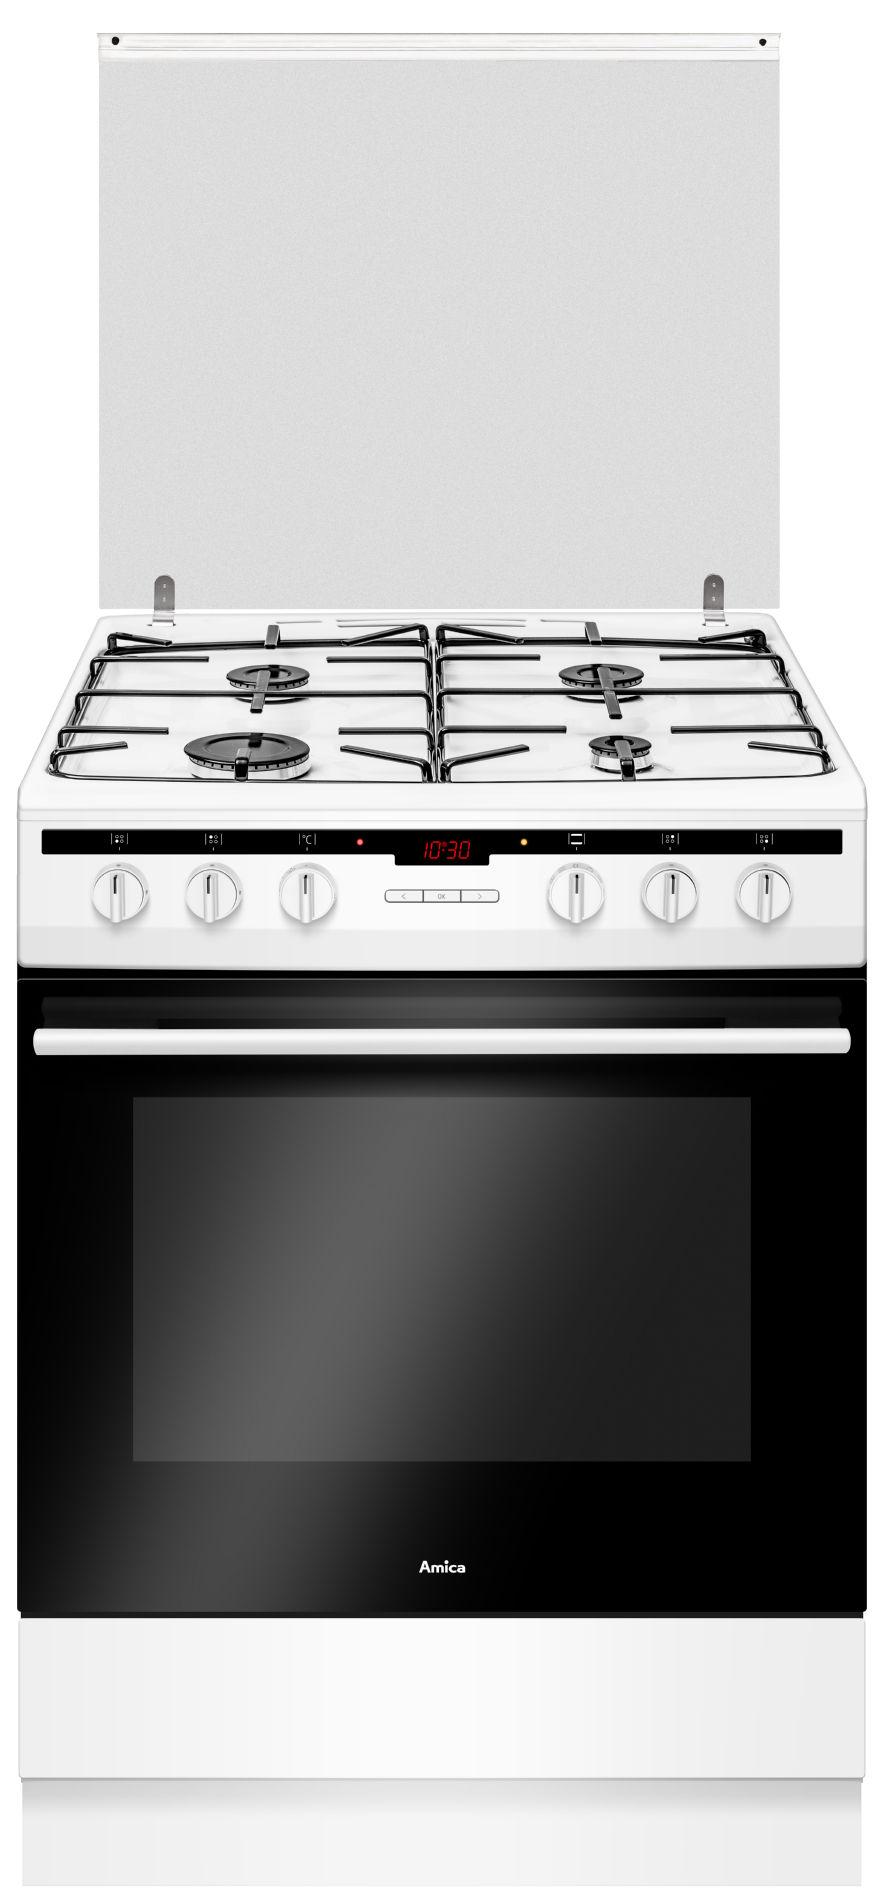 Kuchnia wolnostojąco gazowo elektryczna 600 617GE3 33HZpTaNQ(W)  Amica -> Kuchnie Elektryczne Indukcyjne Wolnostojące